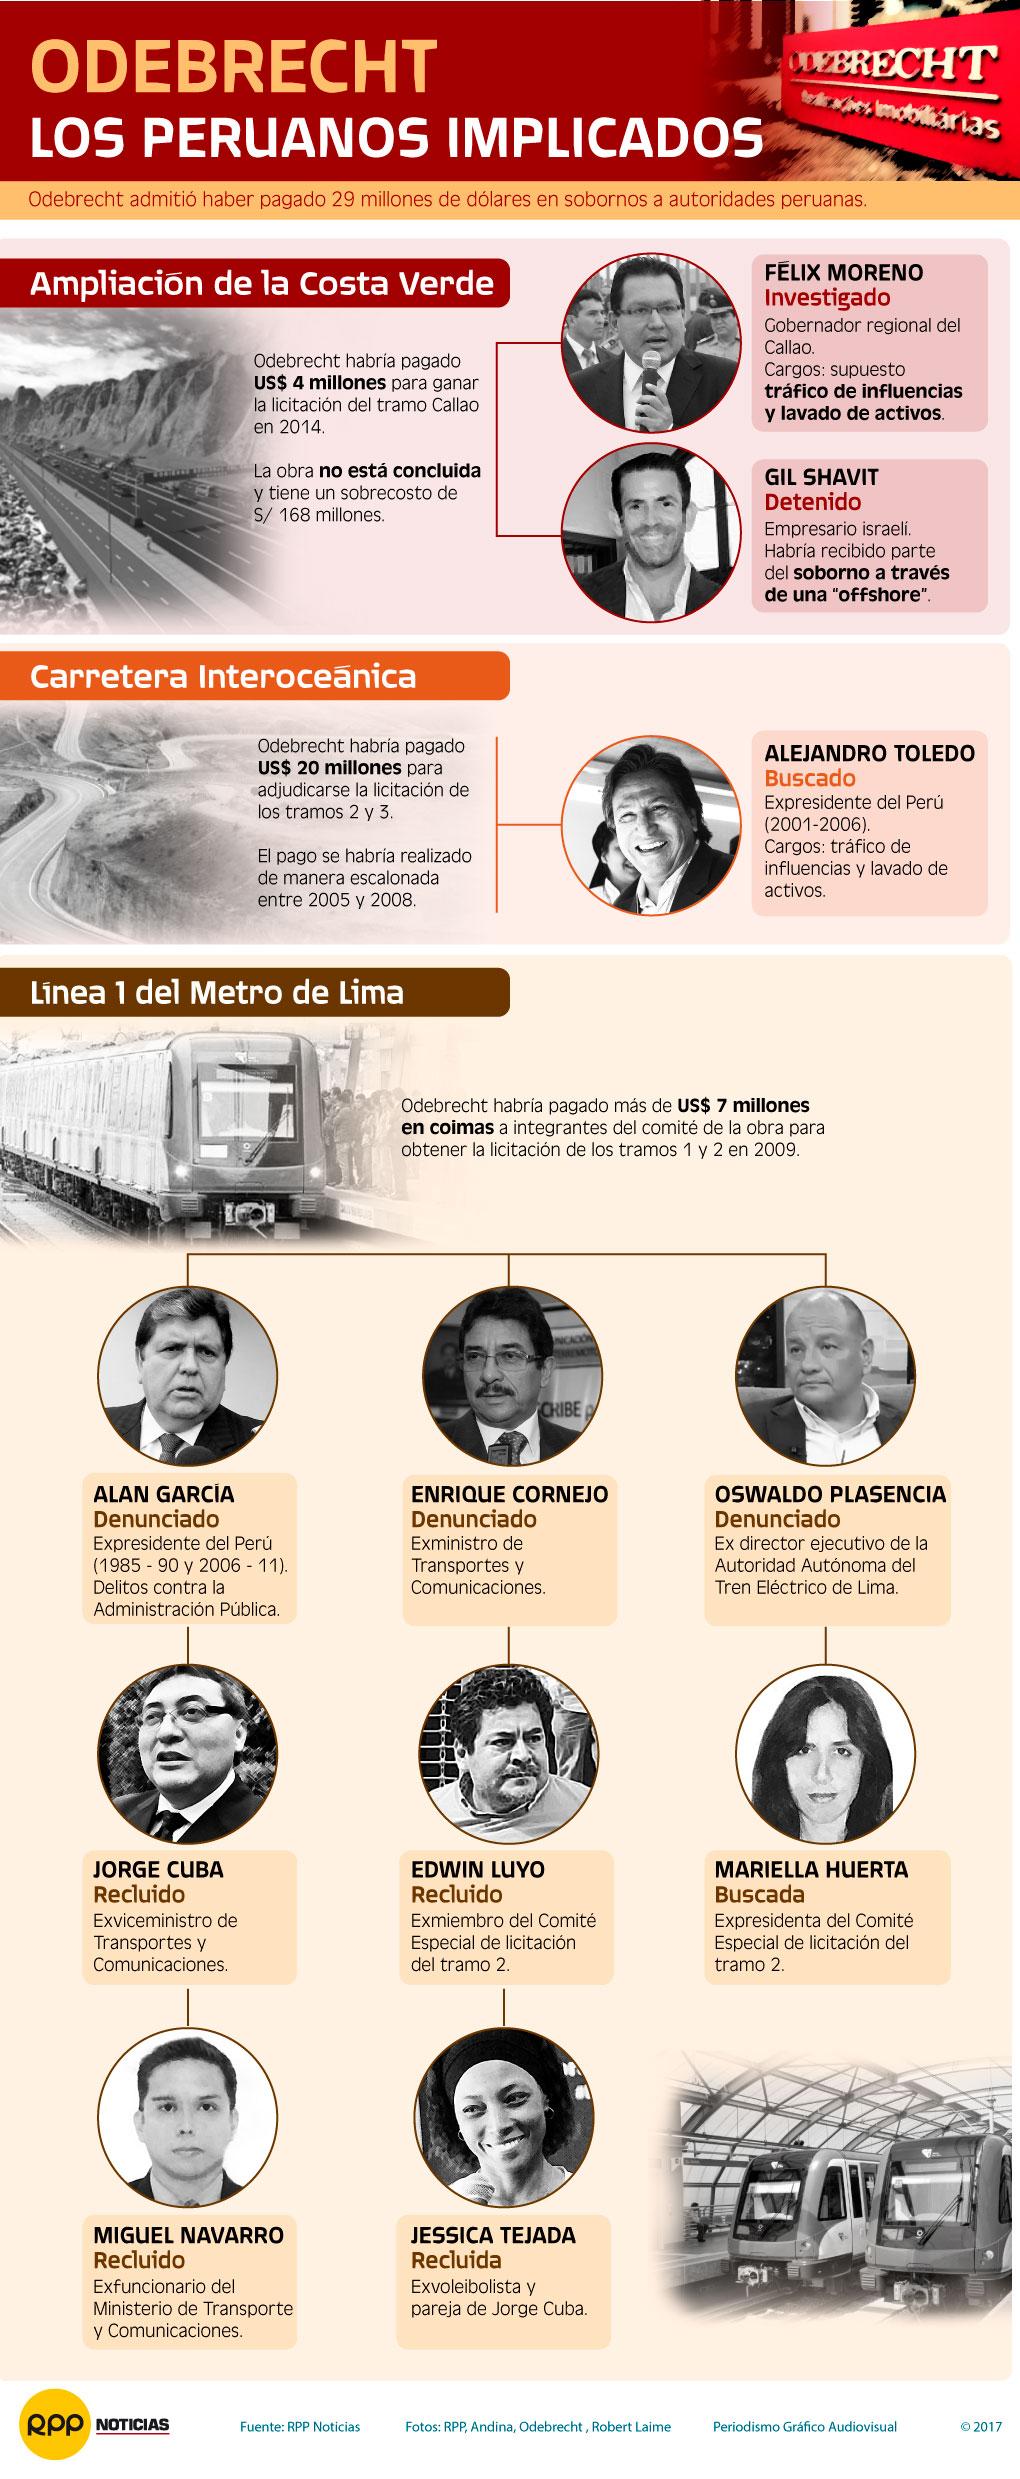 Peruanos implicados caso Odebrecht